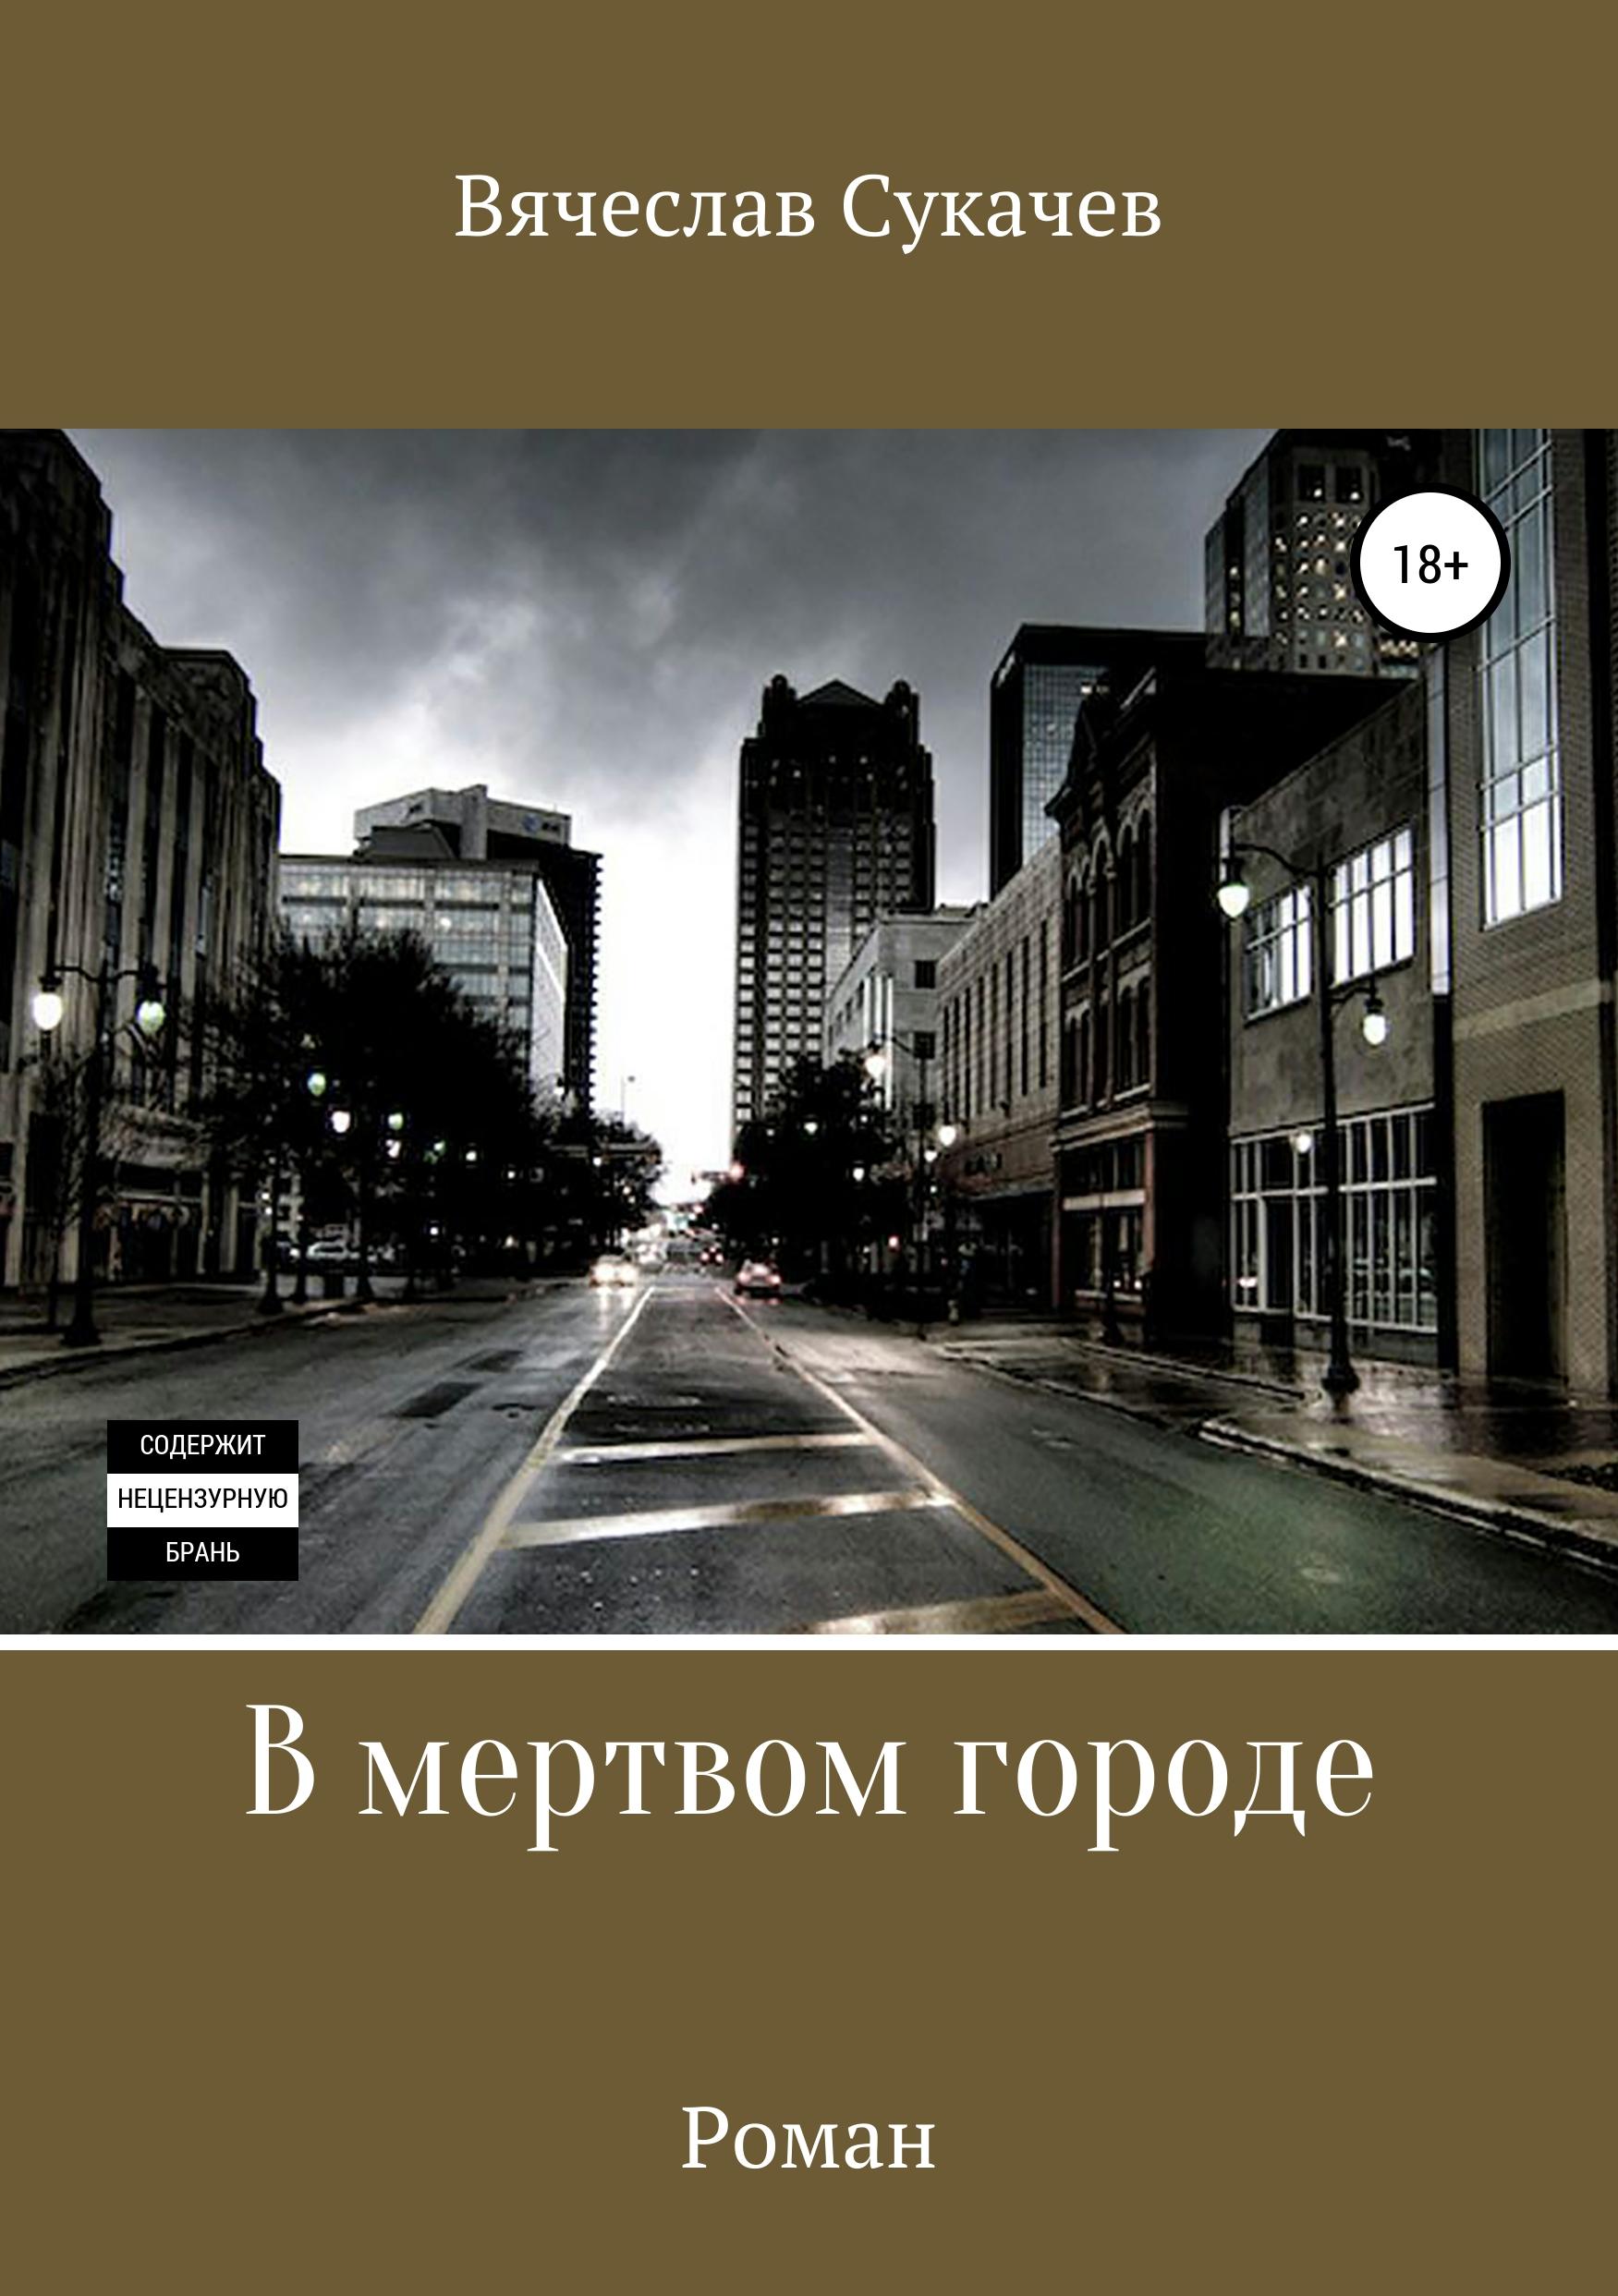 Вячеслав Сукачев - В мертвом городе